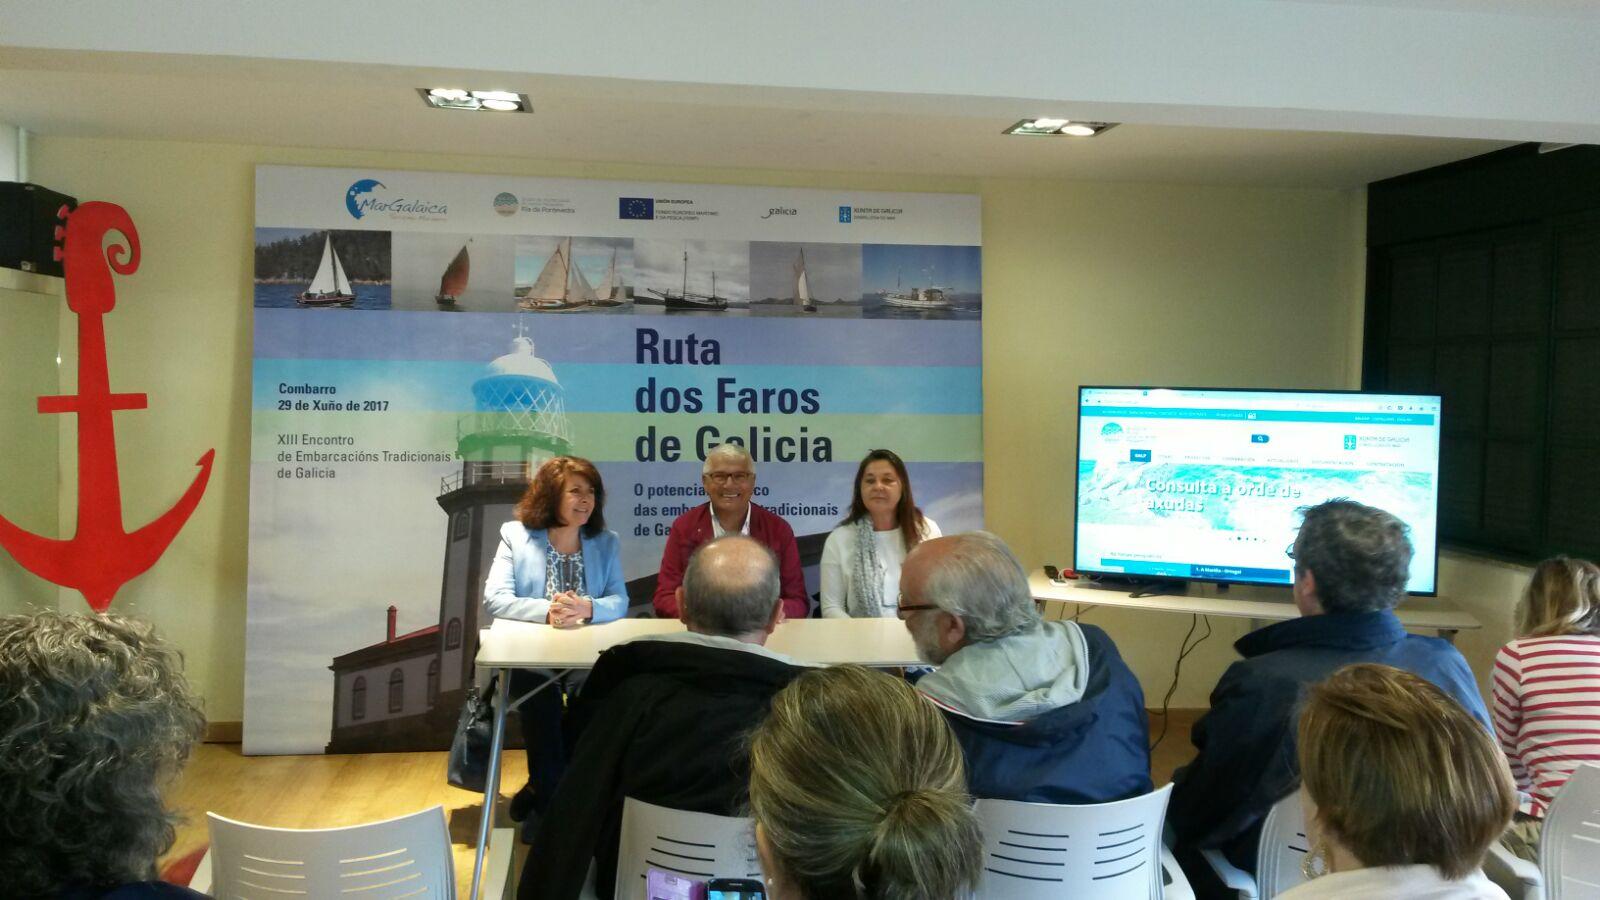 Seminario técnico: O potencial turístico das embarcacións tradicionais de Galicia